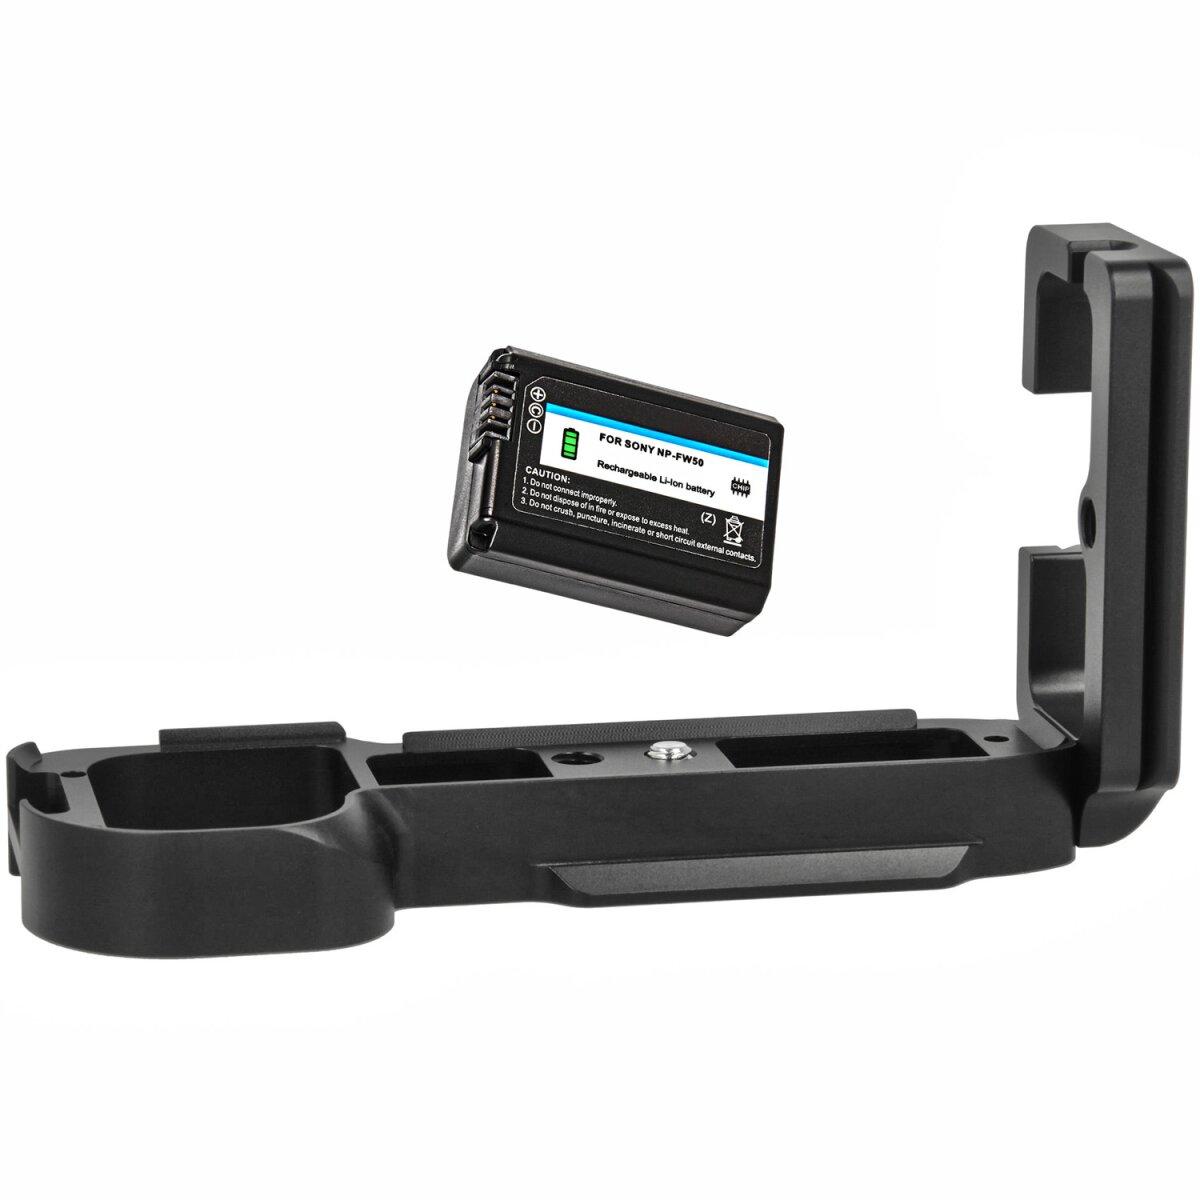 Minadax Handgriff Kameragriff kompatibel mit Sony A7/A7R inkl. 1x NP-FW50 Akku - Verbesserte Handhabung ausreichende Auflagefläche - Mit Stativgewinde - Schneller Zugriff auf Batteriefach